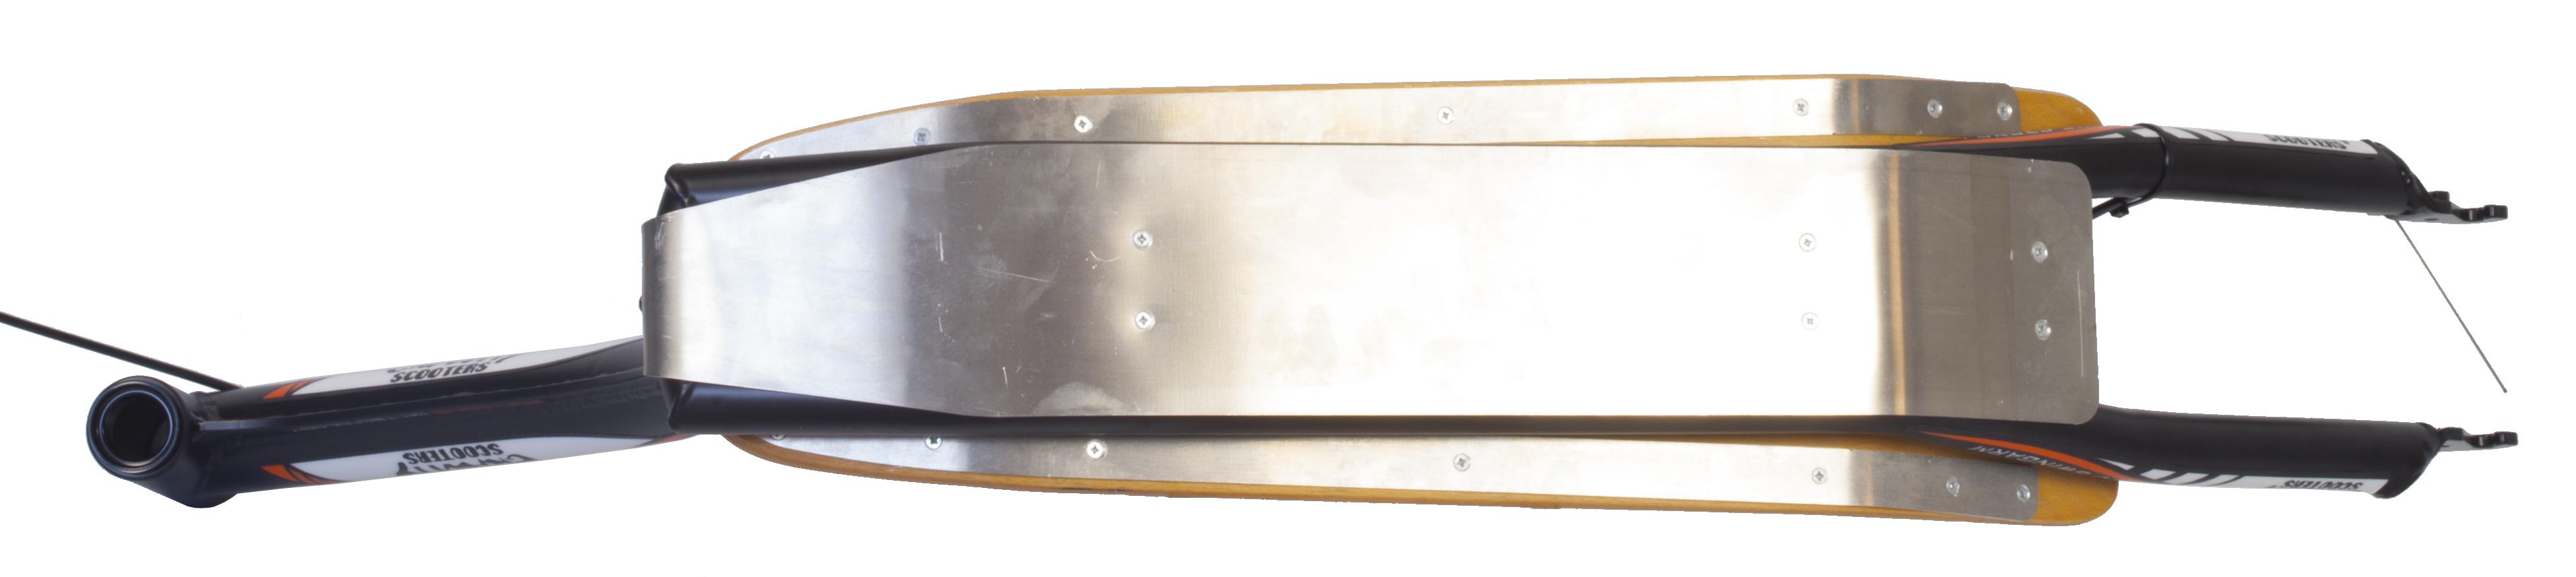 Sjezdová koloběžka Gravity Iron Cols – spodní část stupátka